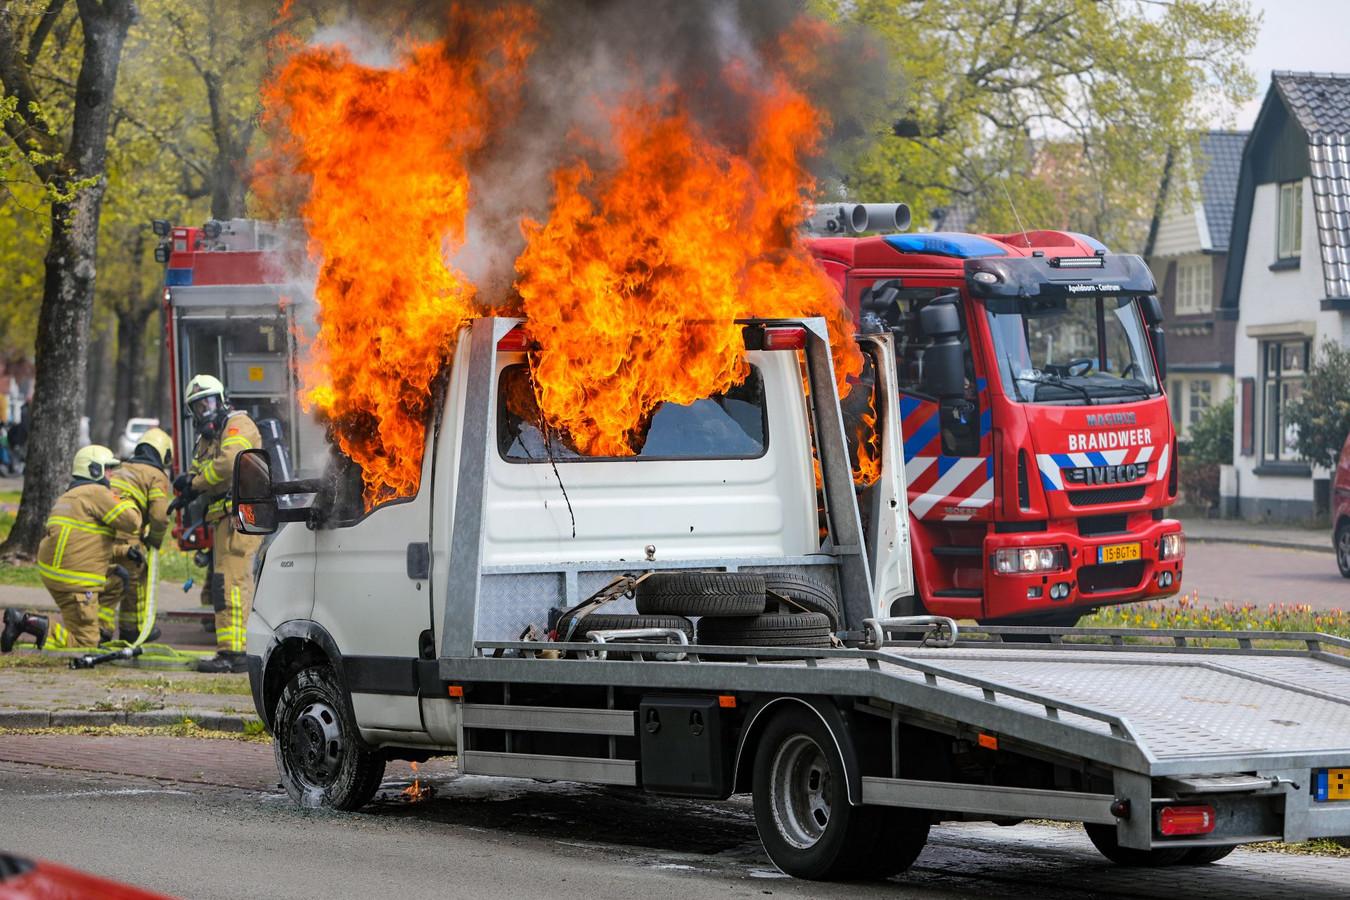 Vlammen slaan hoog uit een autotransporter op de Arnhemseweg in Apeldoorn.